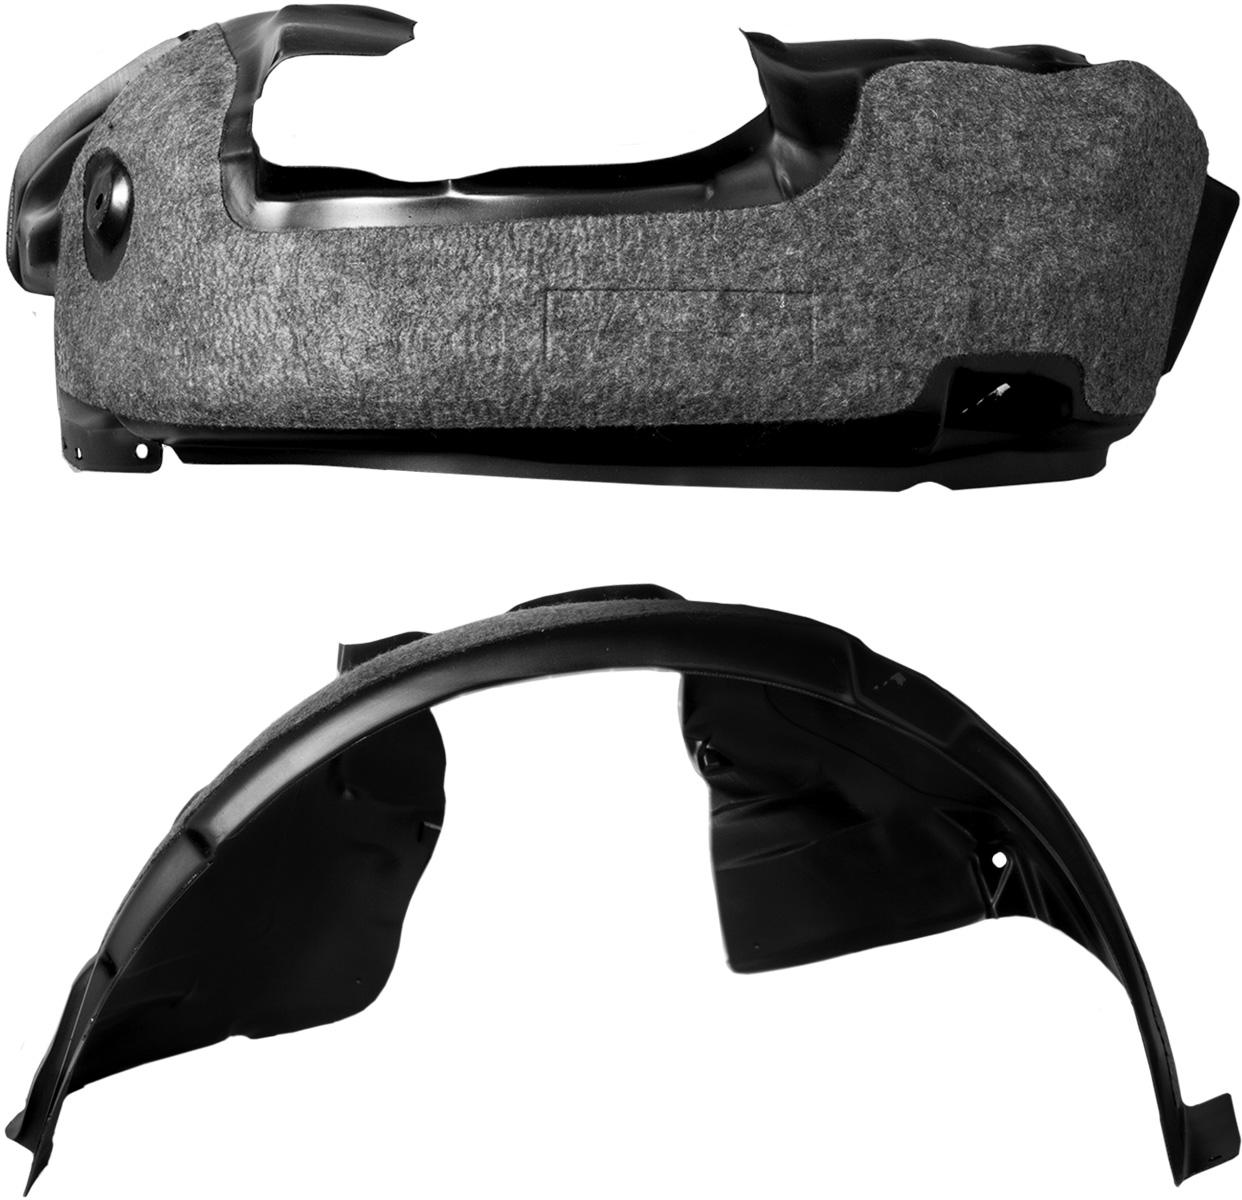 Подкрылок с шумоизоляцией Novline-Autofamily, для HYUNDAI i40 седан, 06/2012->, передний левый80621Подкрылок с шумоизоляцией - революционный продукт, совмещающий в себе все достоинства обычного подкрылка и в то же время являющийся одним из наиболее эффективных средств борьбы с внешним шумом в салоне автомобиля.Подкрылки разрабатываются индивидуально для каждого автомобиля с использованием метода 3D-сканирования.В качестве шумоизолирующего слоя применяется легкое синтетическое нетканое полотно толщиной 10 мм, которое отталкивает влагу, сохраняет свои шумоизоляционные свойства на протяжении всего периода эксплуатации. Подкрылки с шумоизоляцией не имеют эксплуатационных ограничений и устанавливаются один раз на весь срок службы автомобиля.Уважаемые клиенты!Обращаем ваше внимание, на тот факт, что подкрылок имеет форму, соответствующую модели данного автомобиля. Фото служит для визуального восприятия товара.